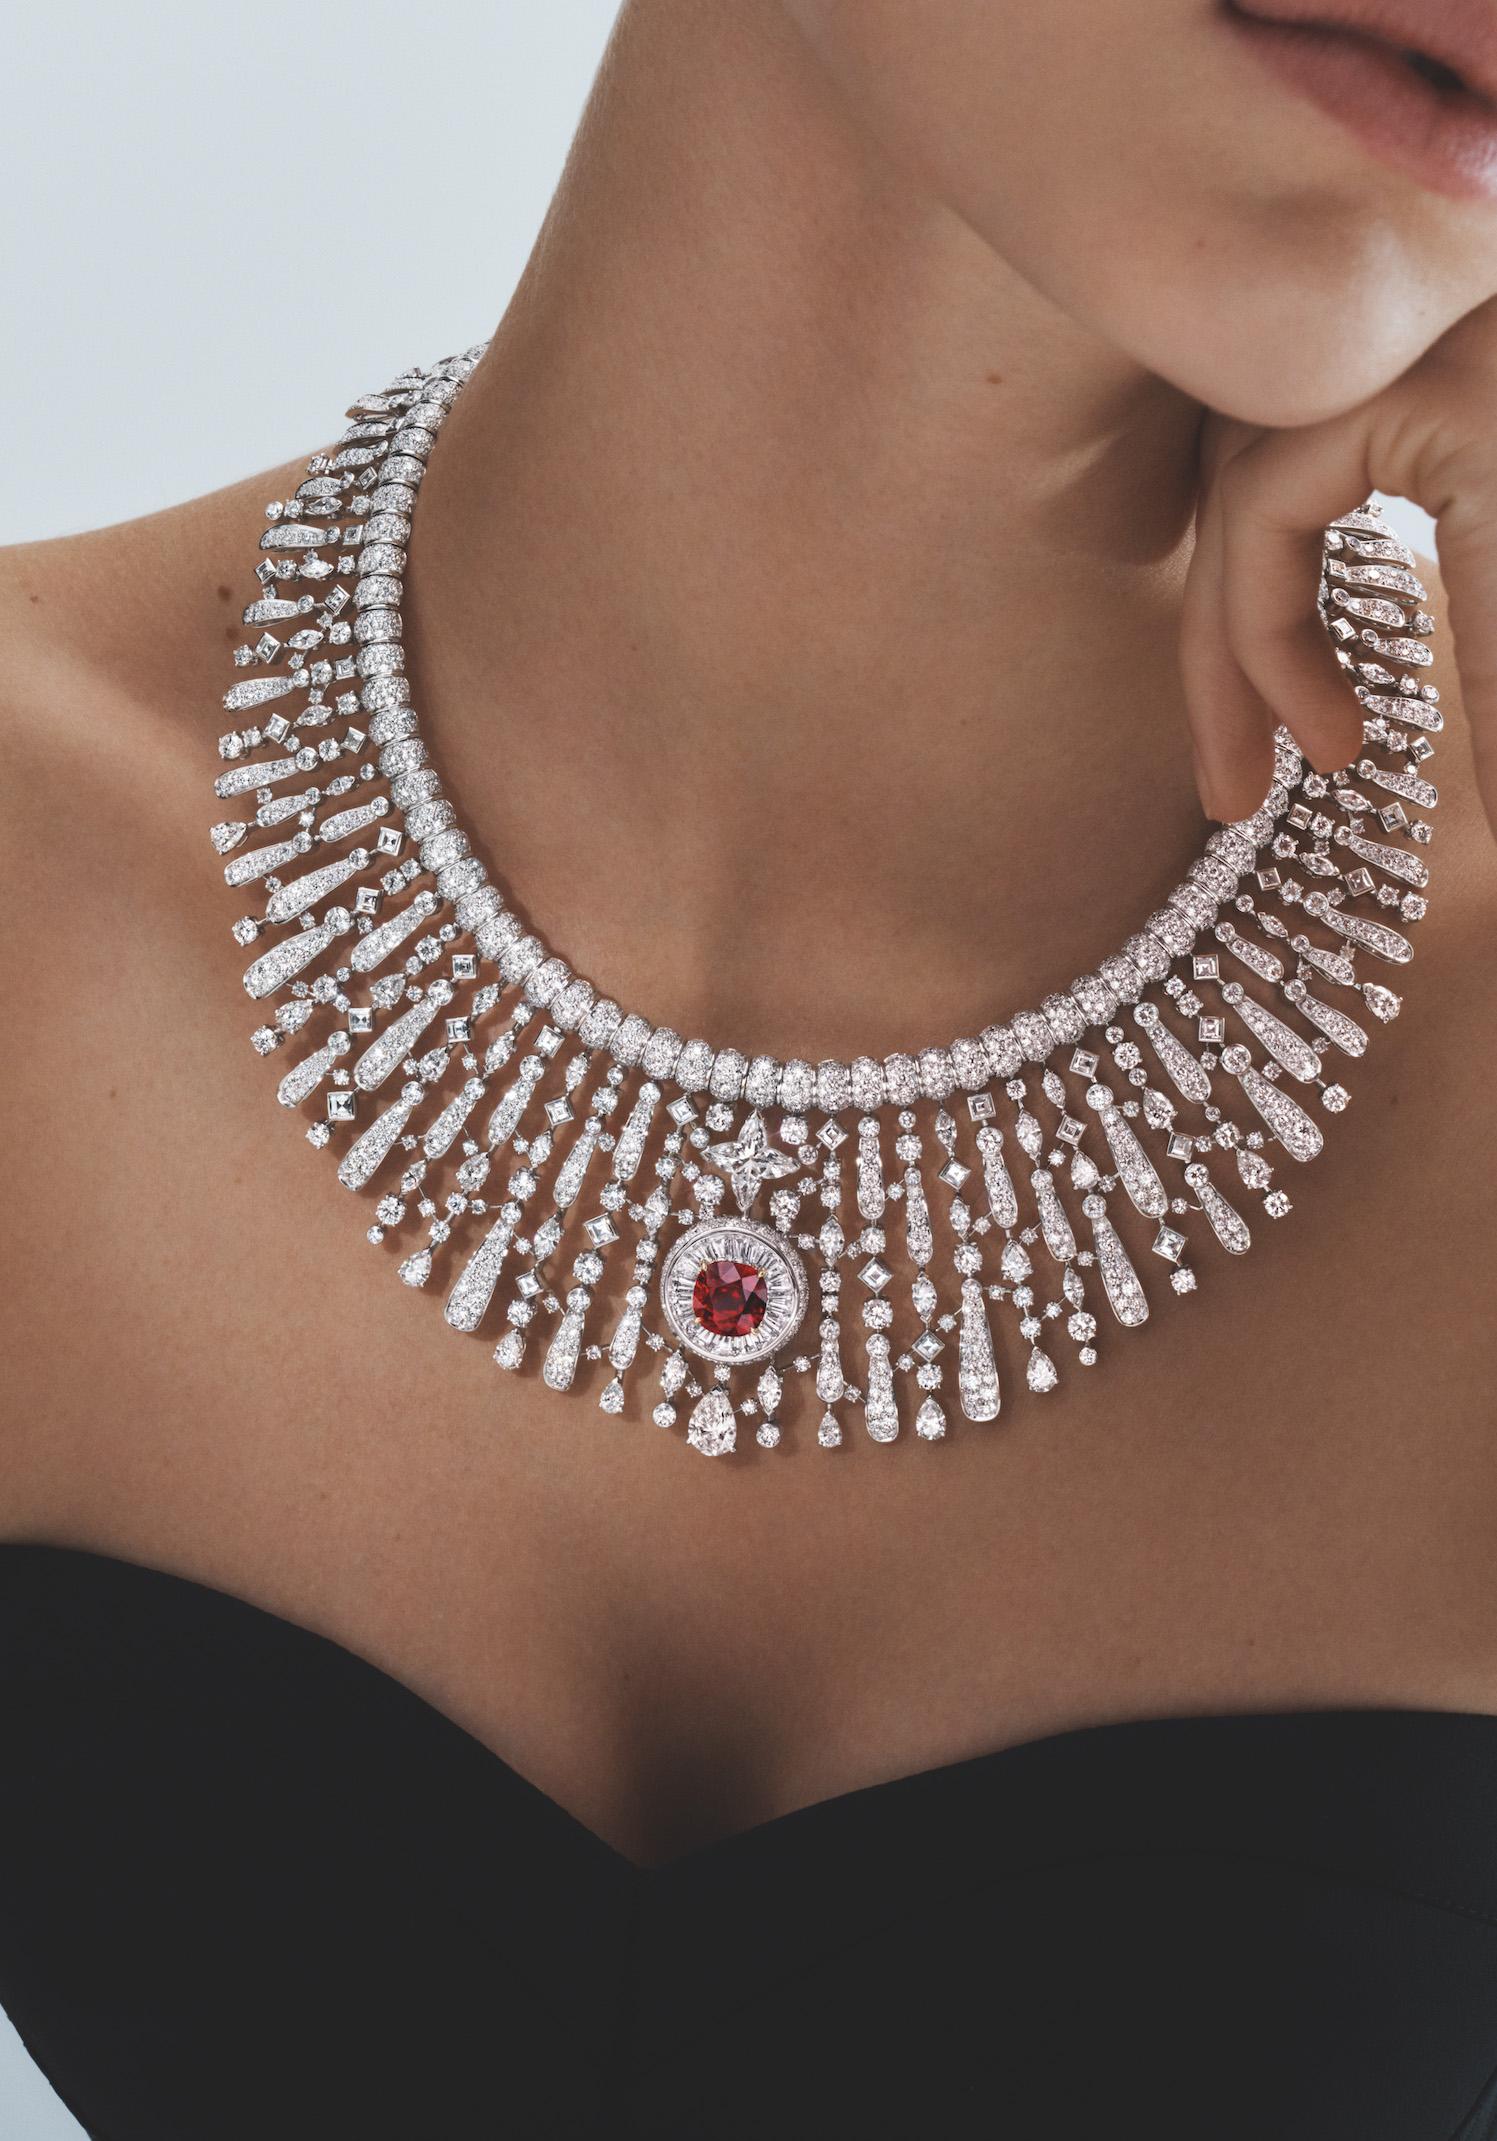 Astre Rouge necklace (Photo credit: Louis Vuitton)